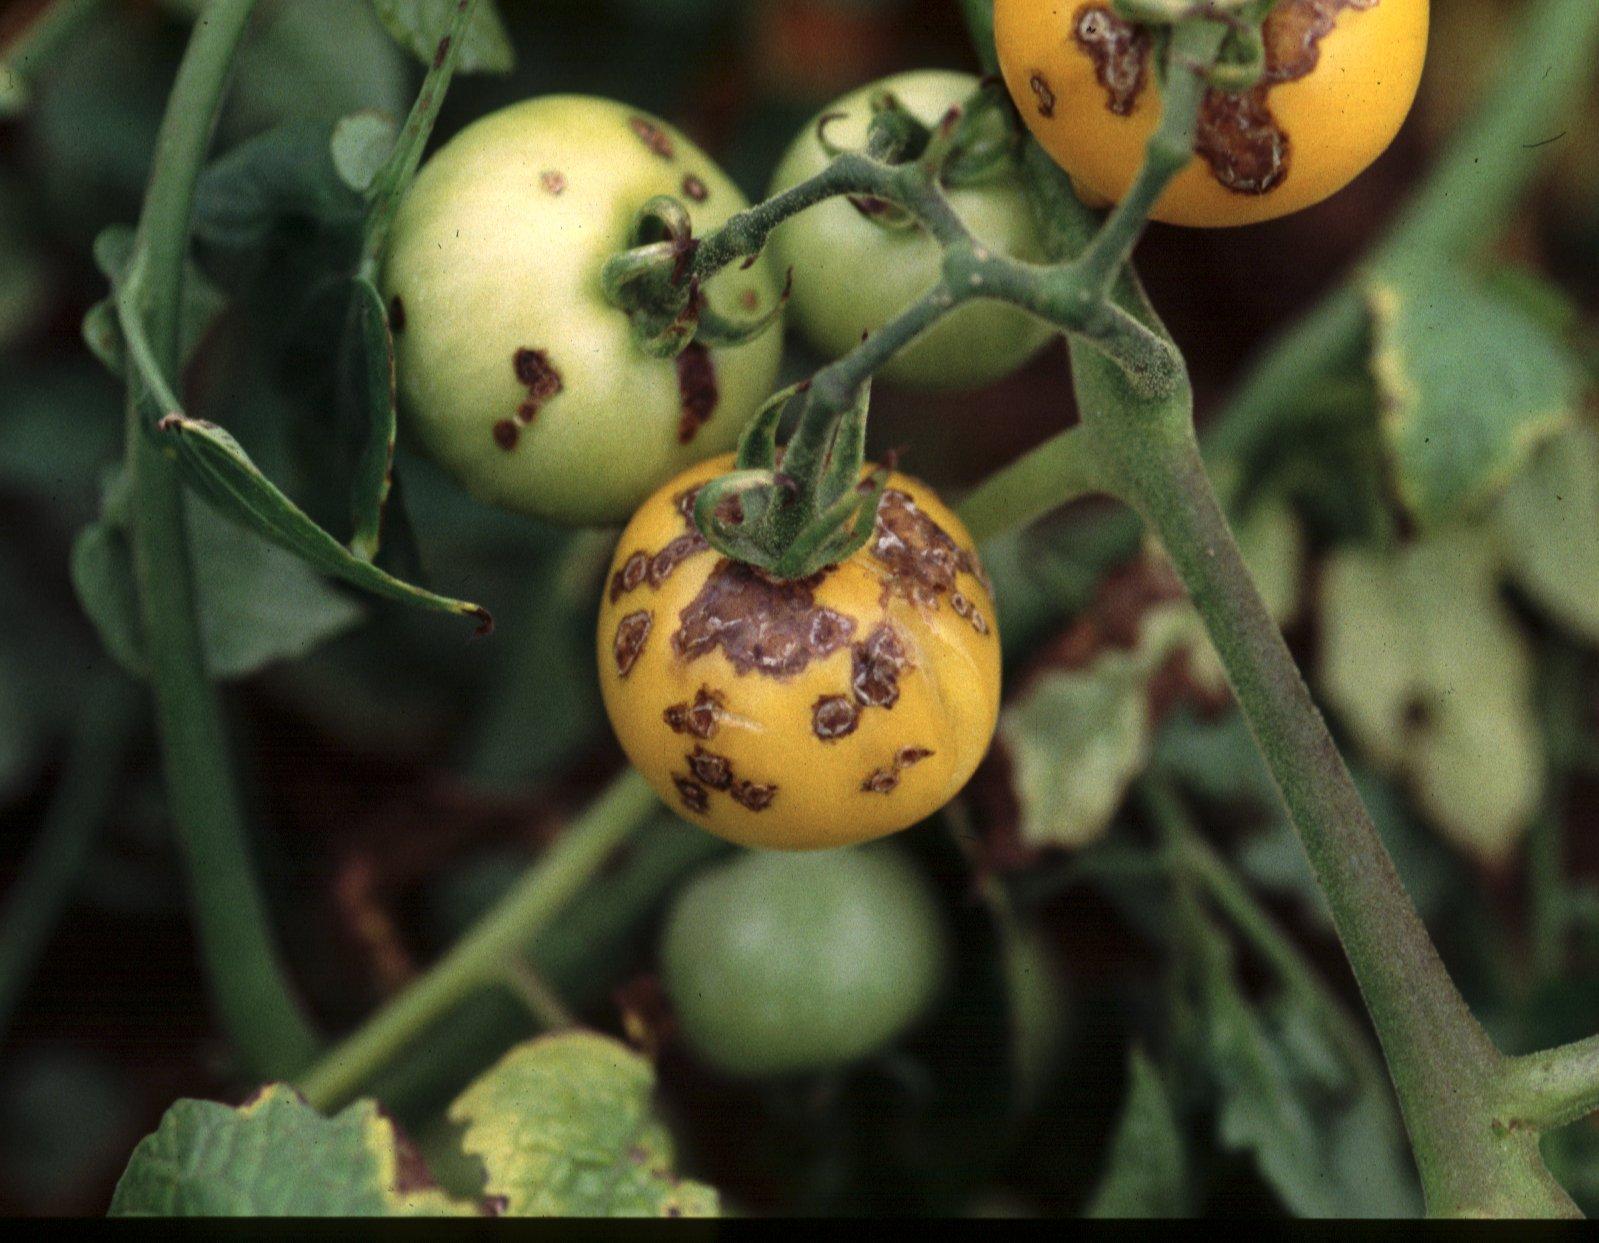 ملف كامل عن زراعة الطماطم  - صفحة 2 Bacterial%20spot%203